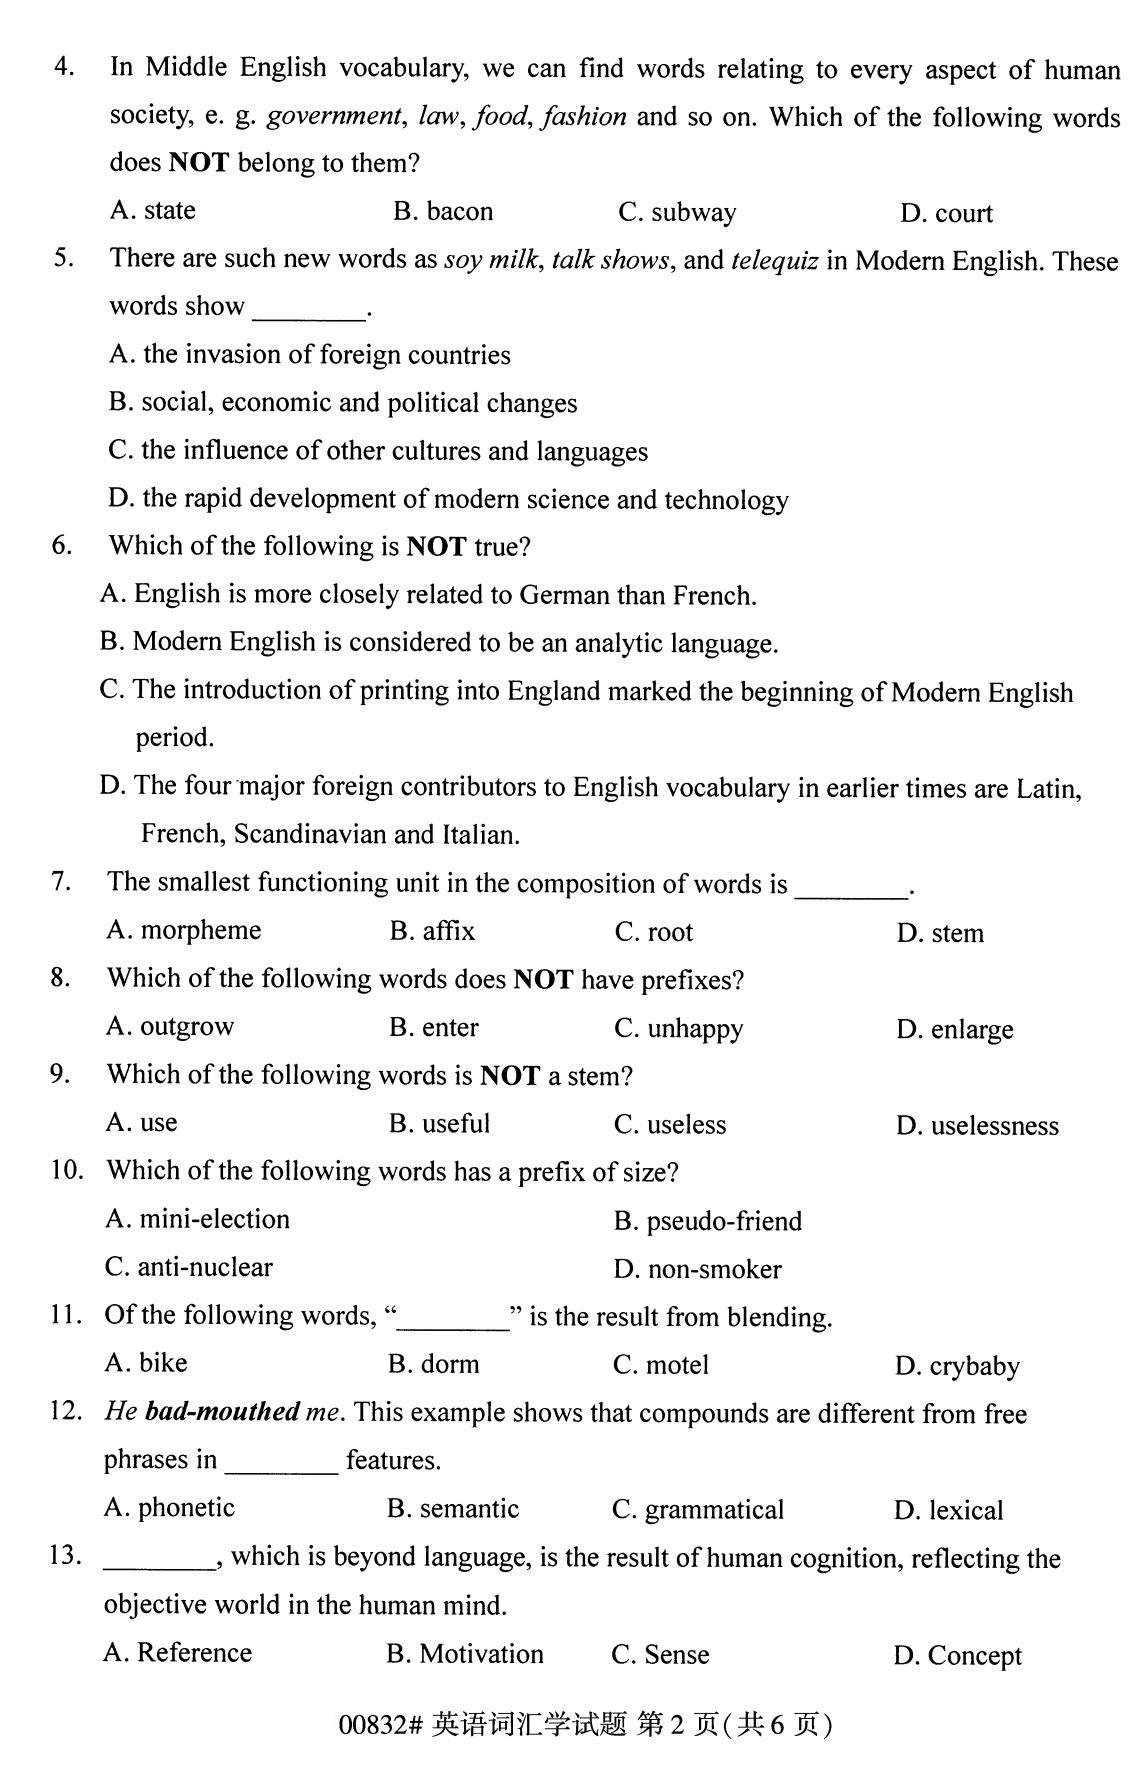 浙江自考本科备考:2020年8月自考00832英语词汇学试题2